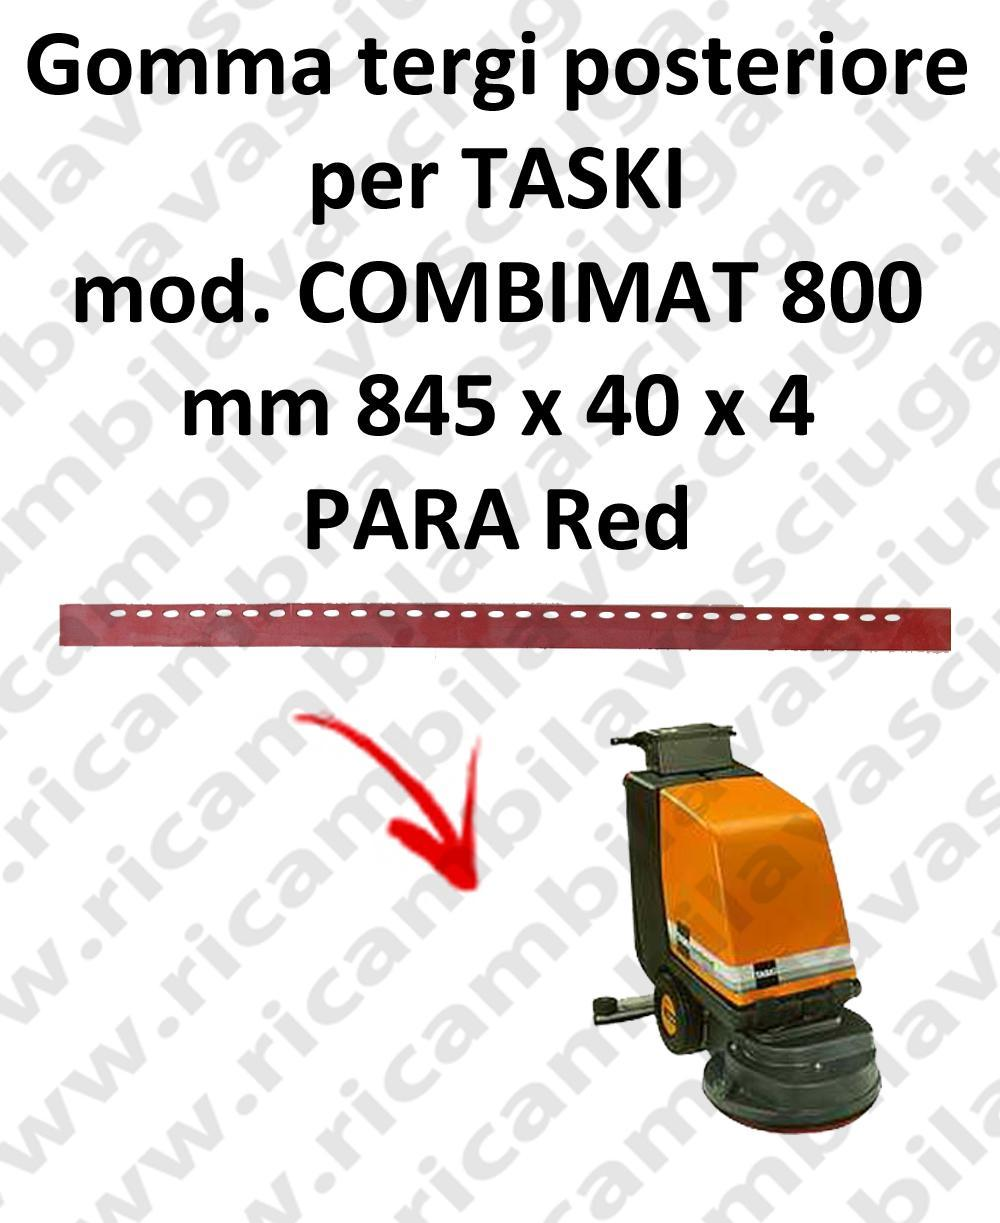 COMBIMAT 800 BAVETTE autolaveuses ARRIERE pour TASKI